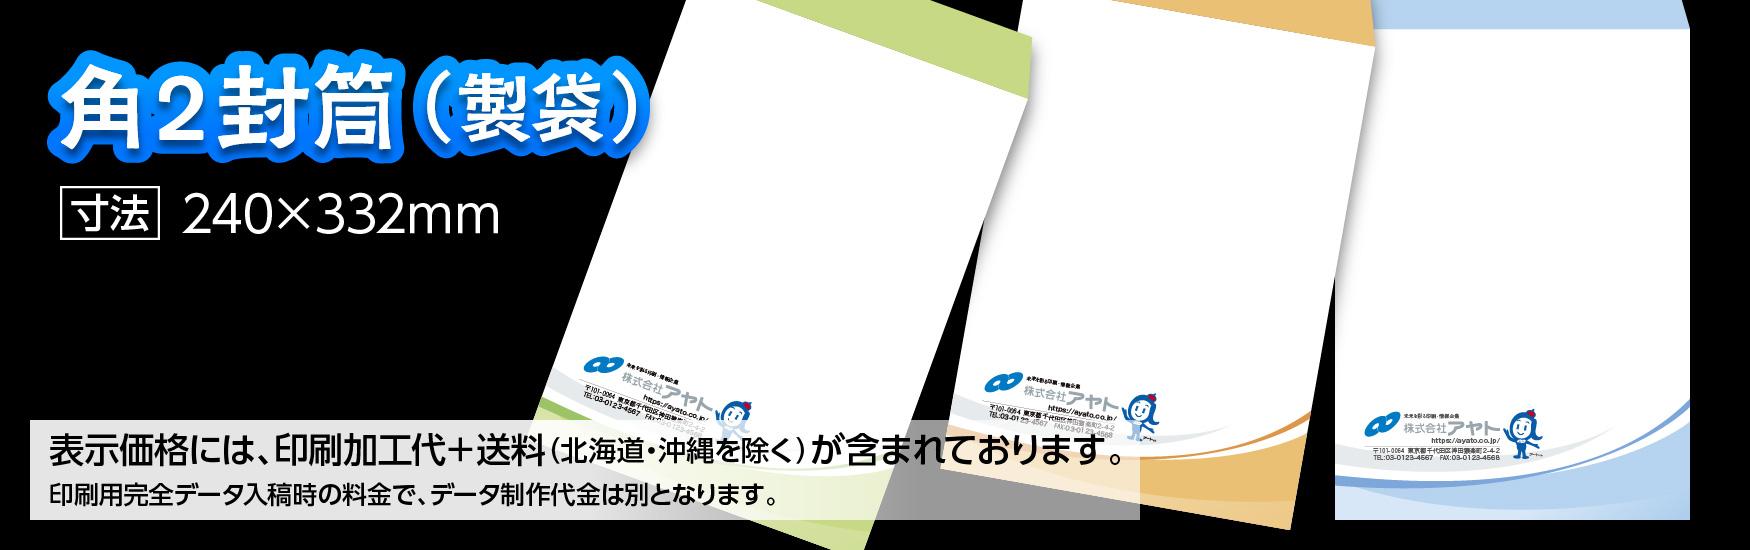 デザイン角2封筒(製袋封筒)の印刷